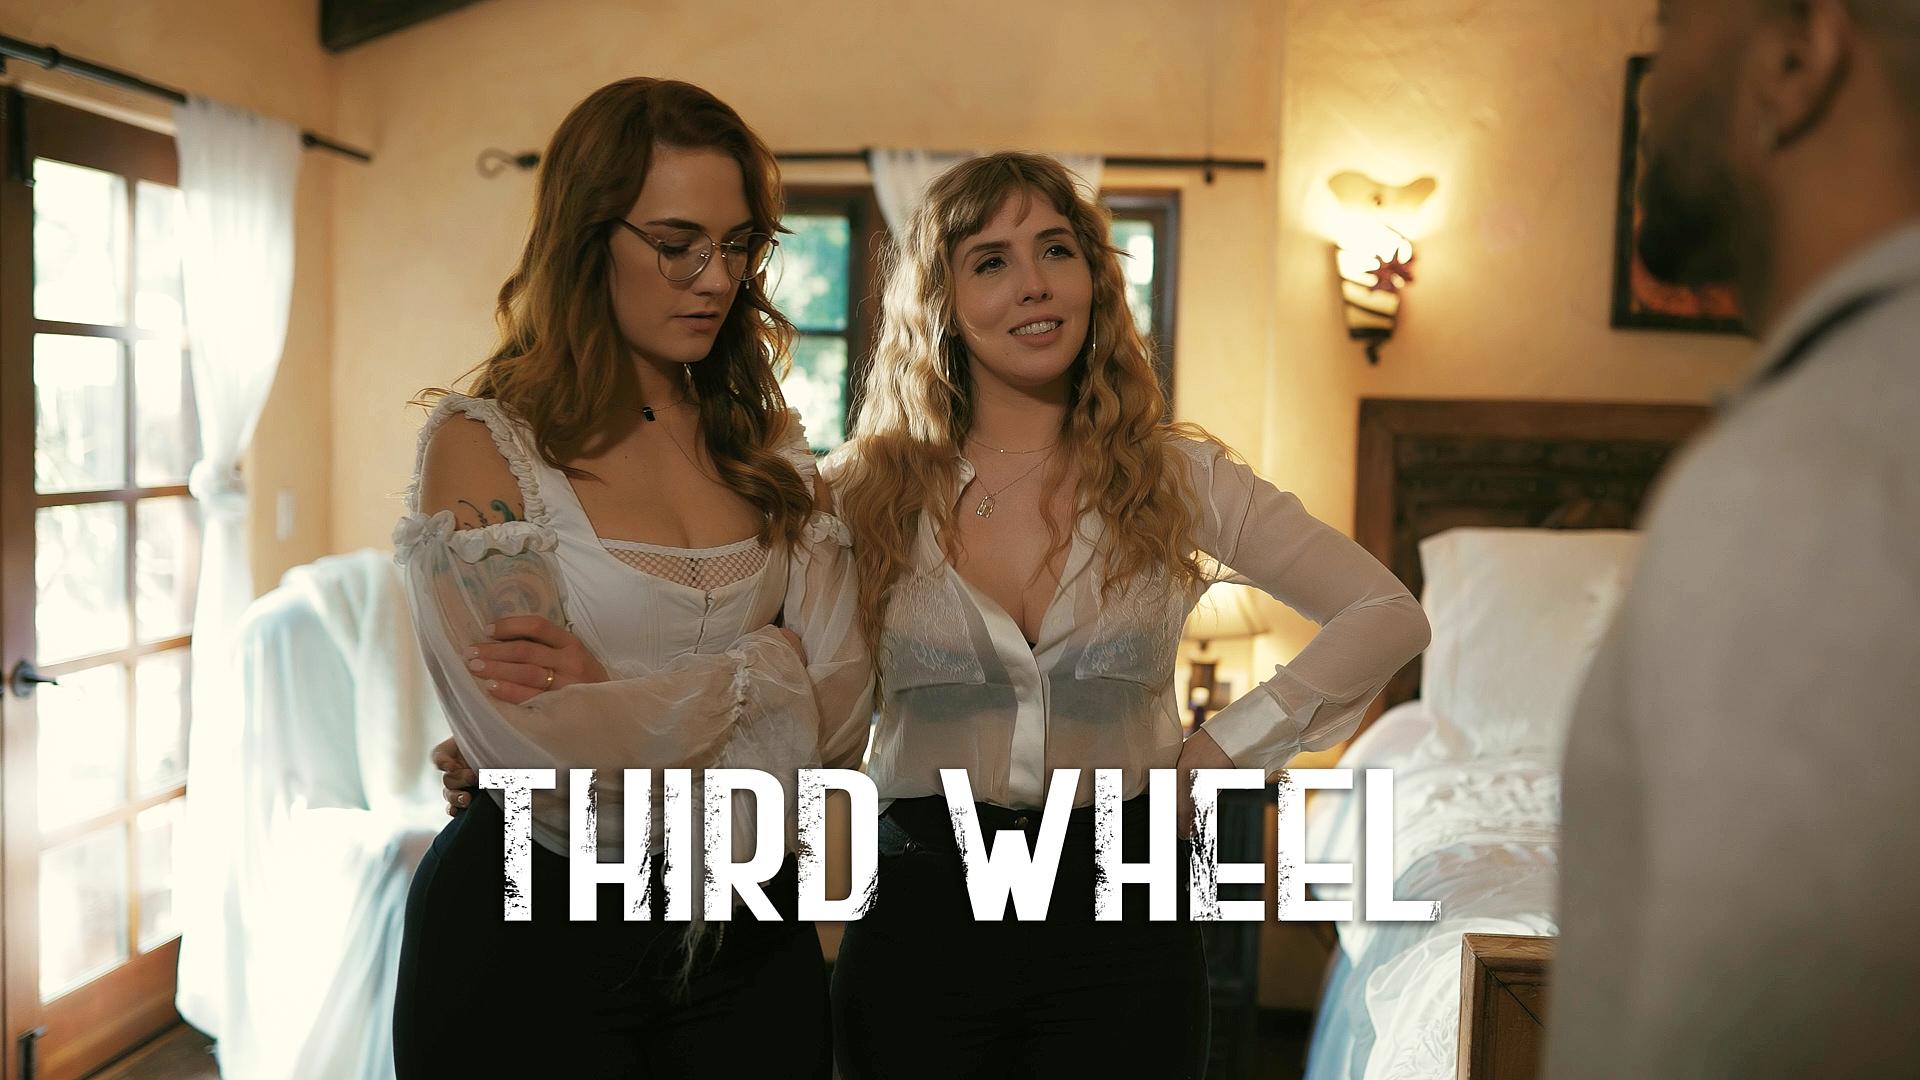 Third Wheel, Scene #01